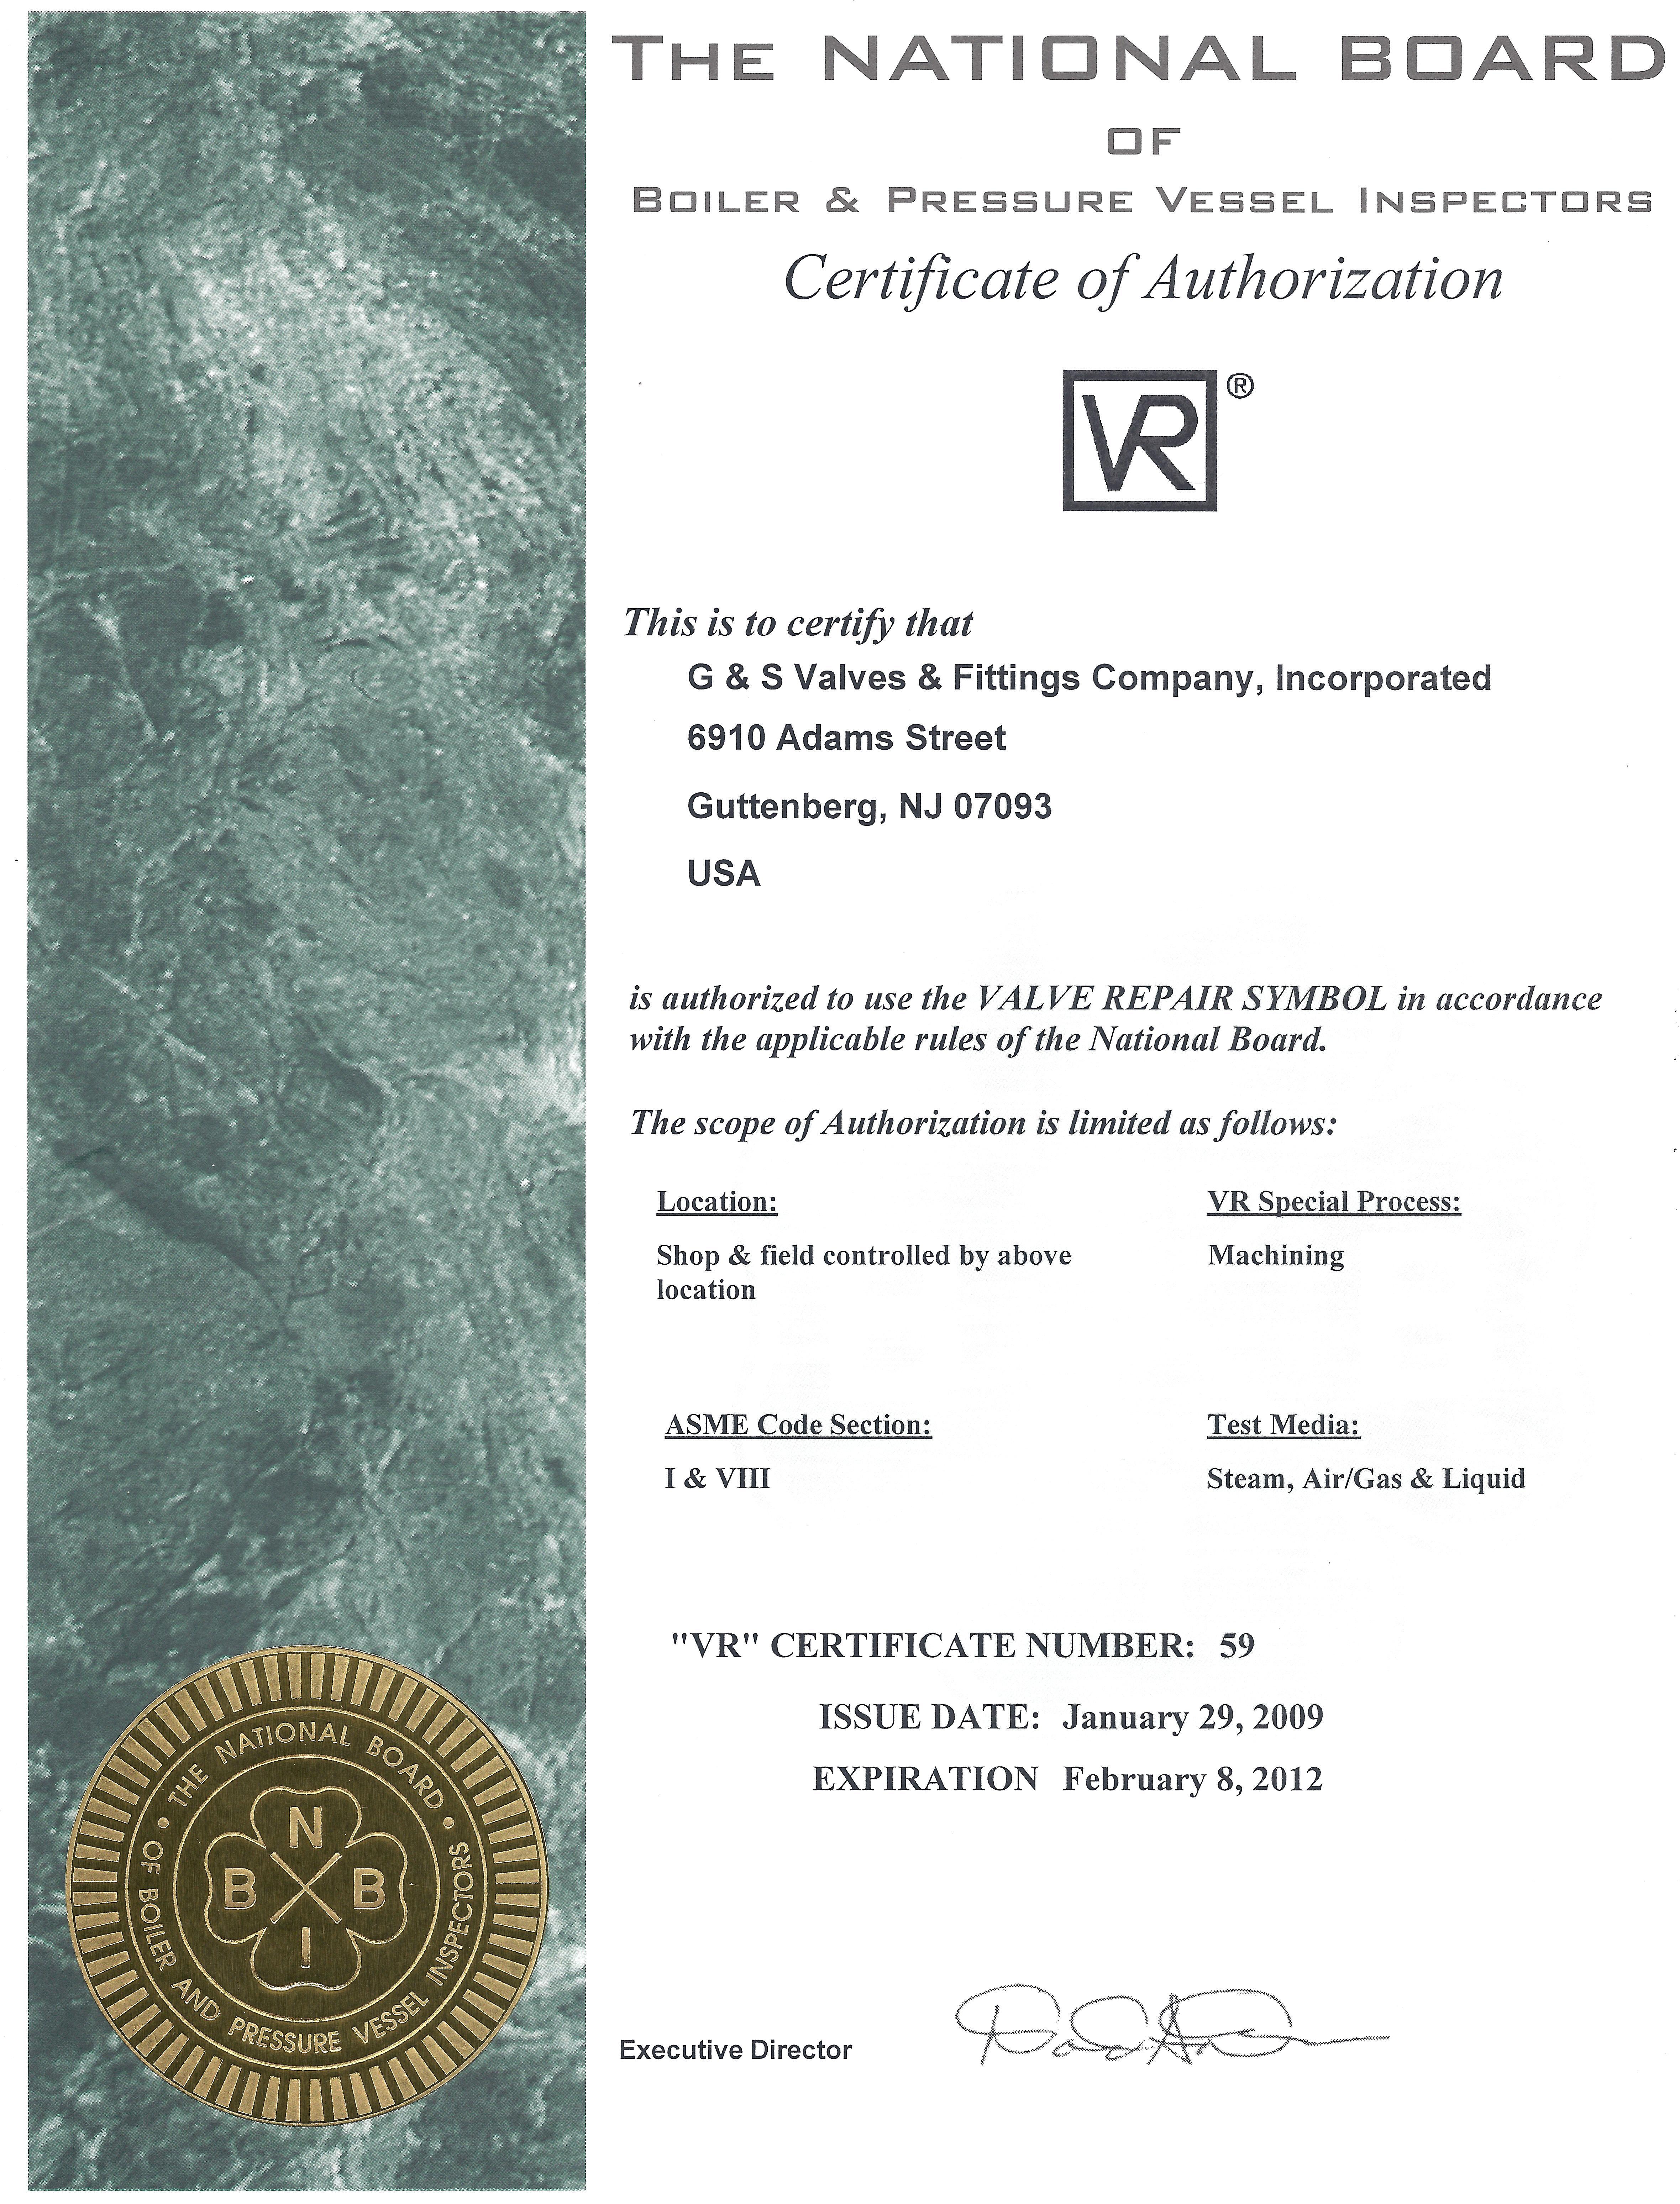 Certification - G&S Valves & Fittings Co., Inc.